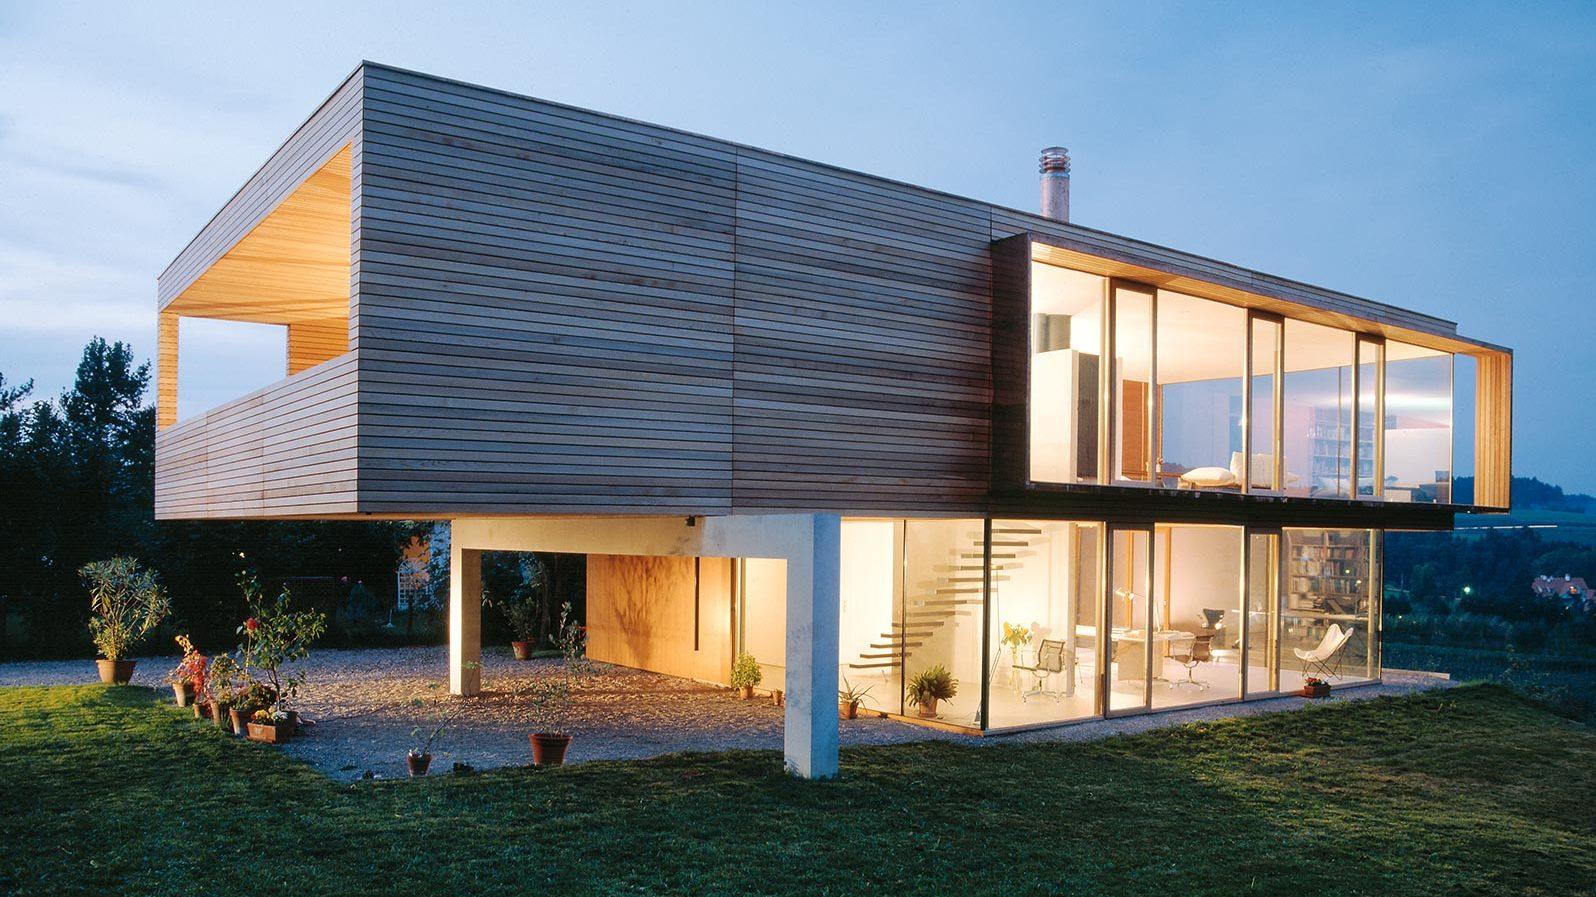 willkommen k m architektur daniel sauter architekt. Black Bedroom Furniture Sets. Home Design Ideas